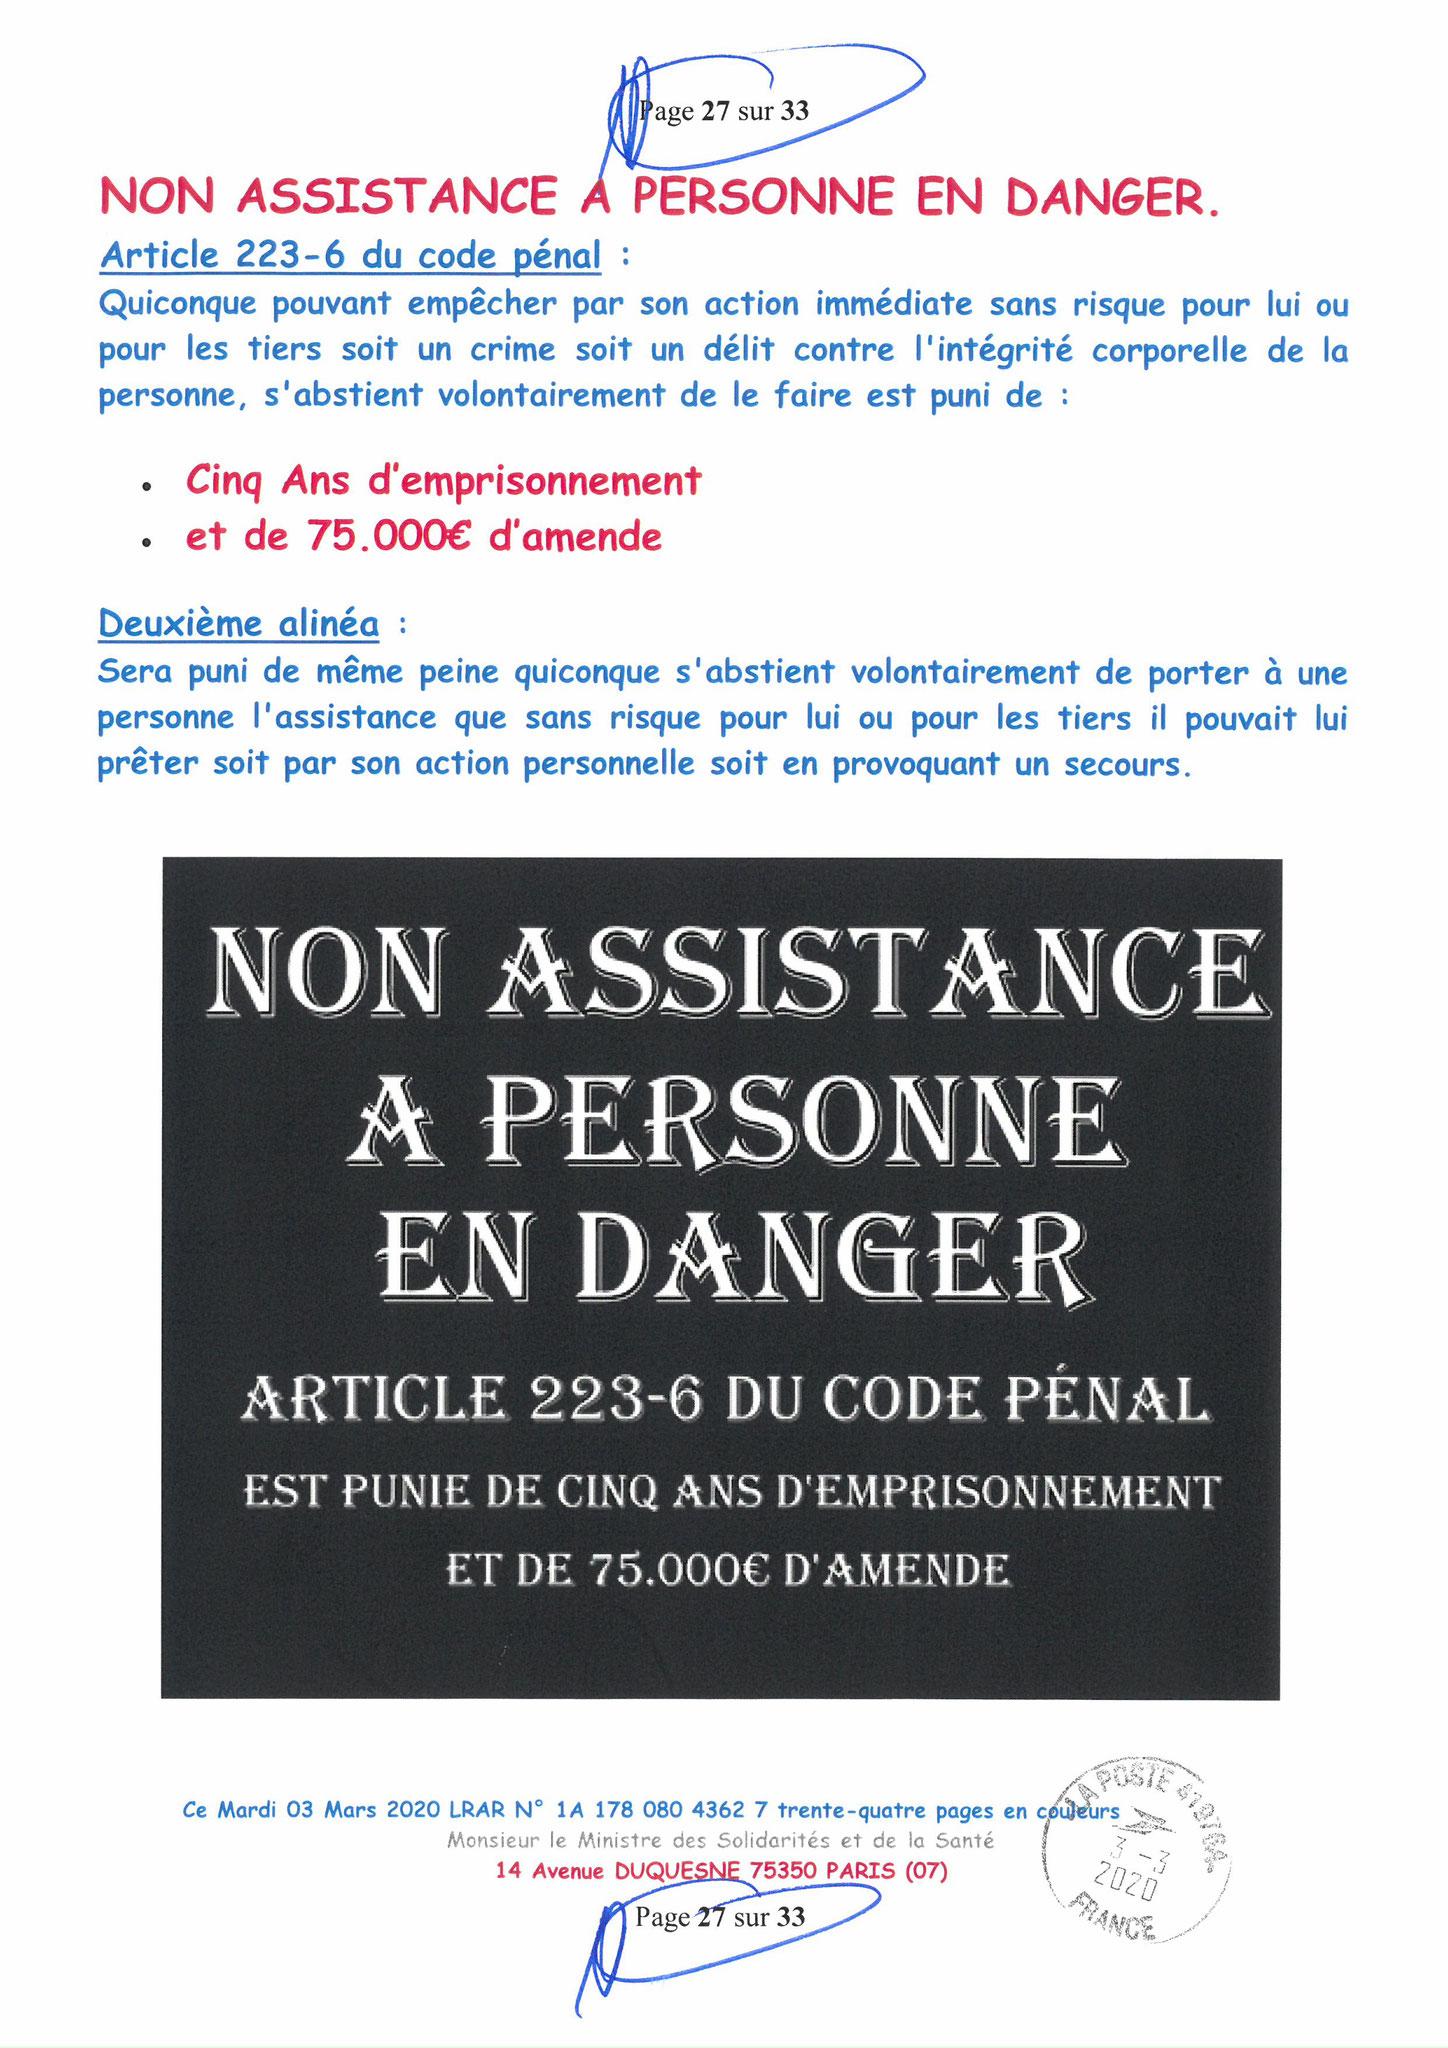 Page 27 sur 33 Ma lettre recommandée N0 1A 178 080 4362 7 du 03 Mars 2020 à Monsieur Olivier VERAN le Ministre de la Santé et des Solidarités www.jesuispatrick.fr www.jesuisvictime.fr www.alerte-rouge-france.fr